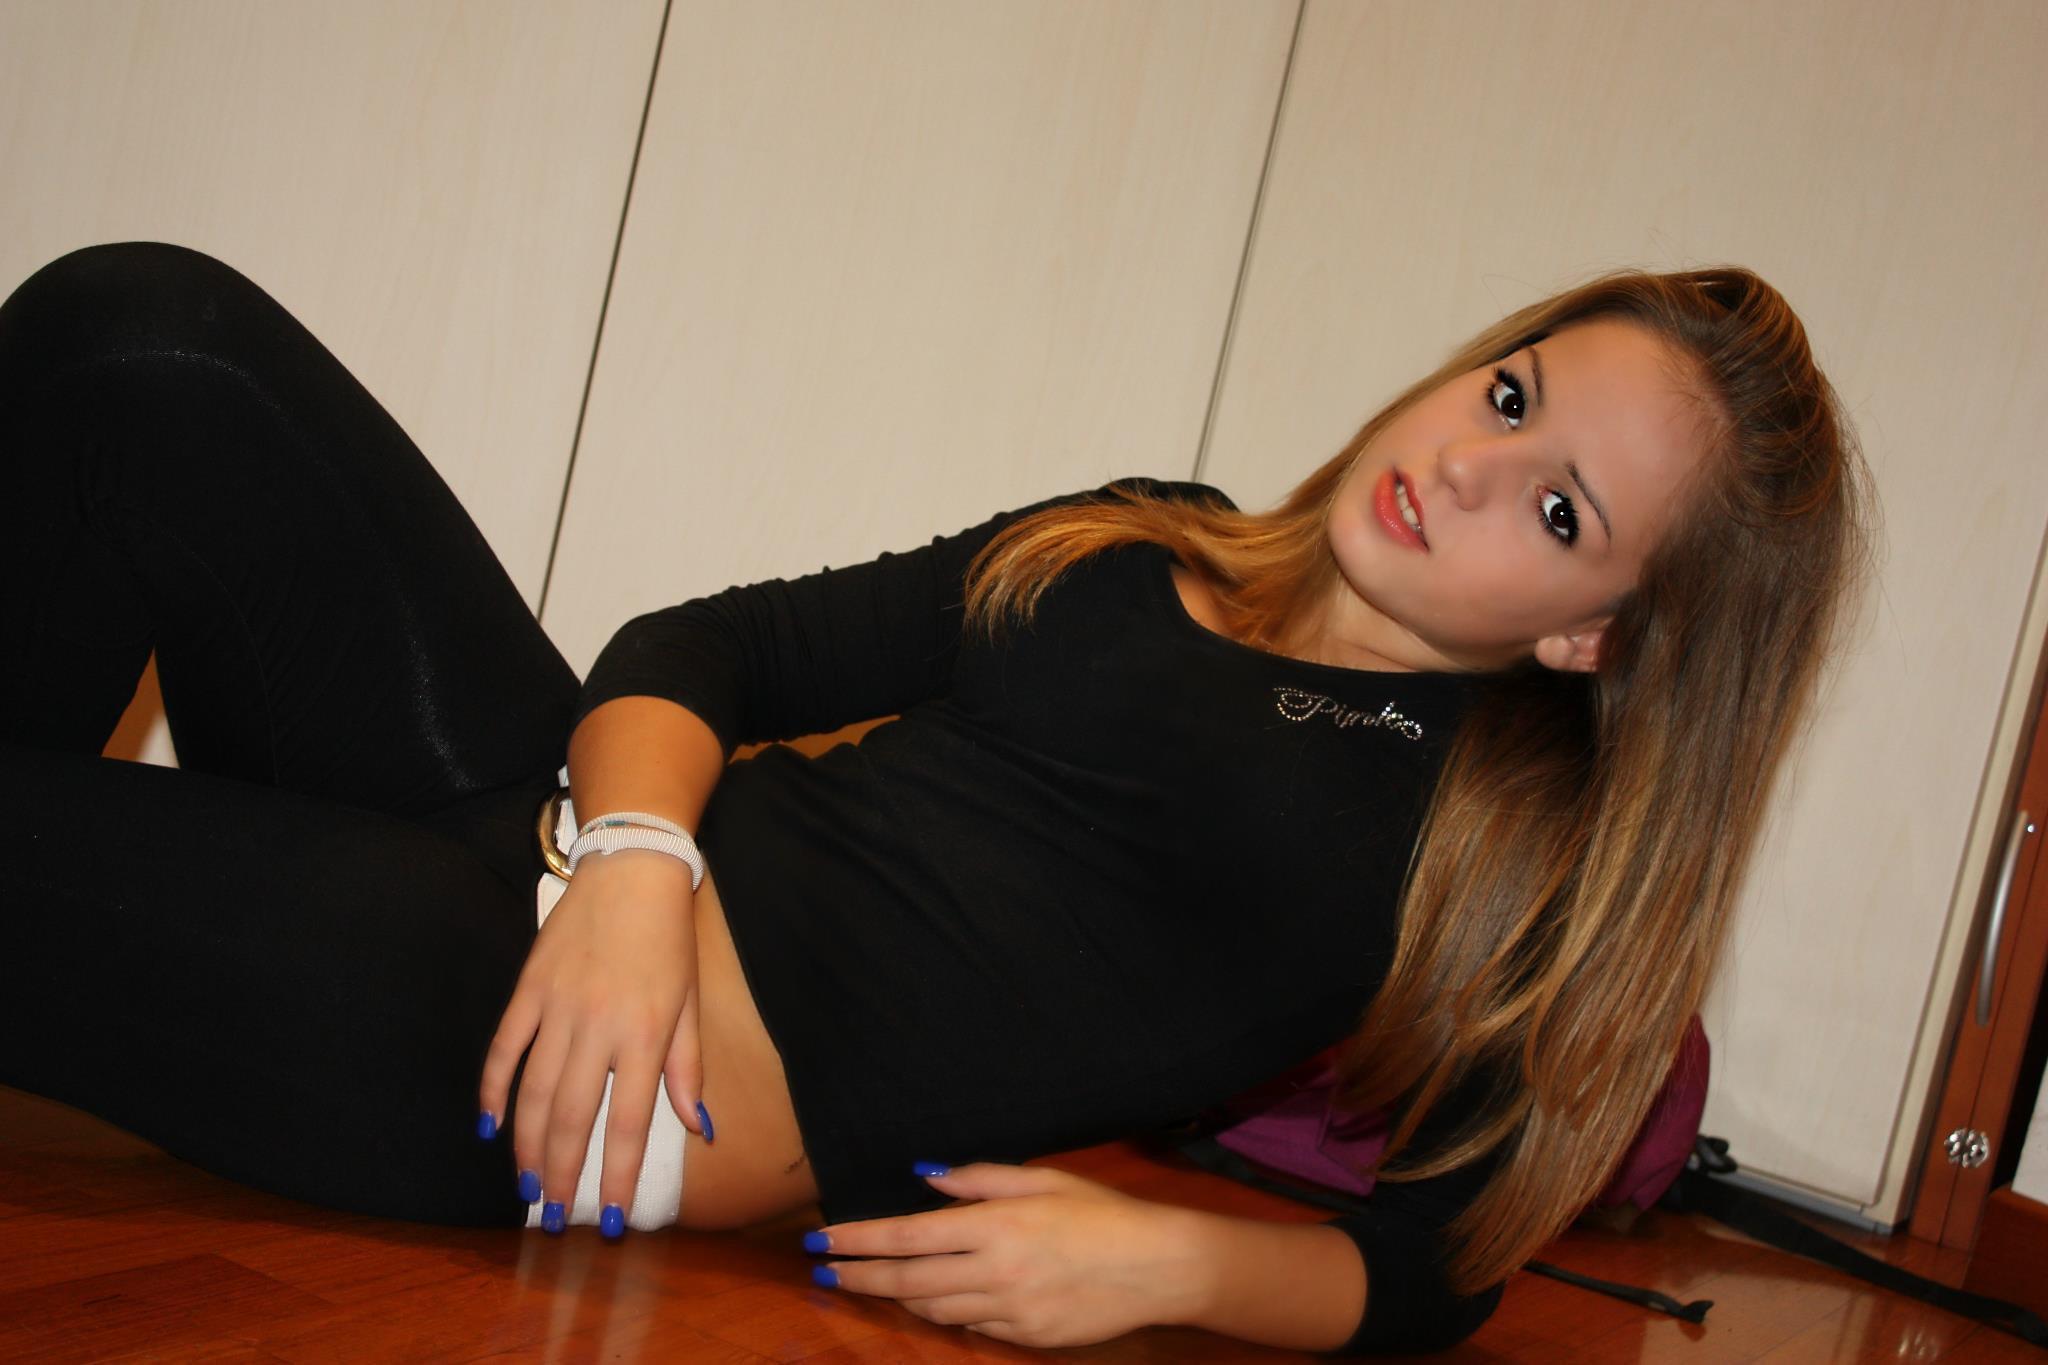 Pamela Mastropietro violentata da Oseghale